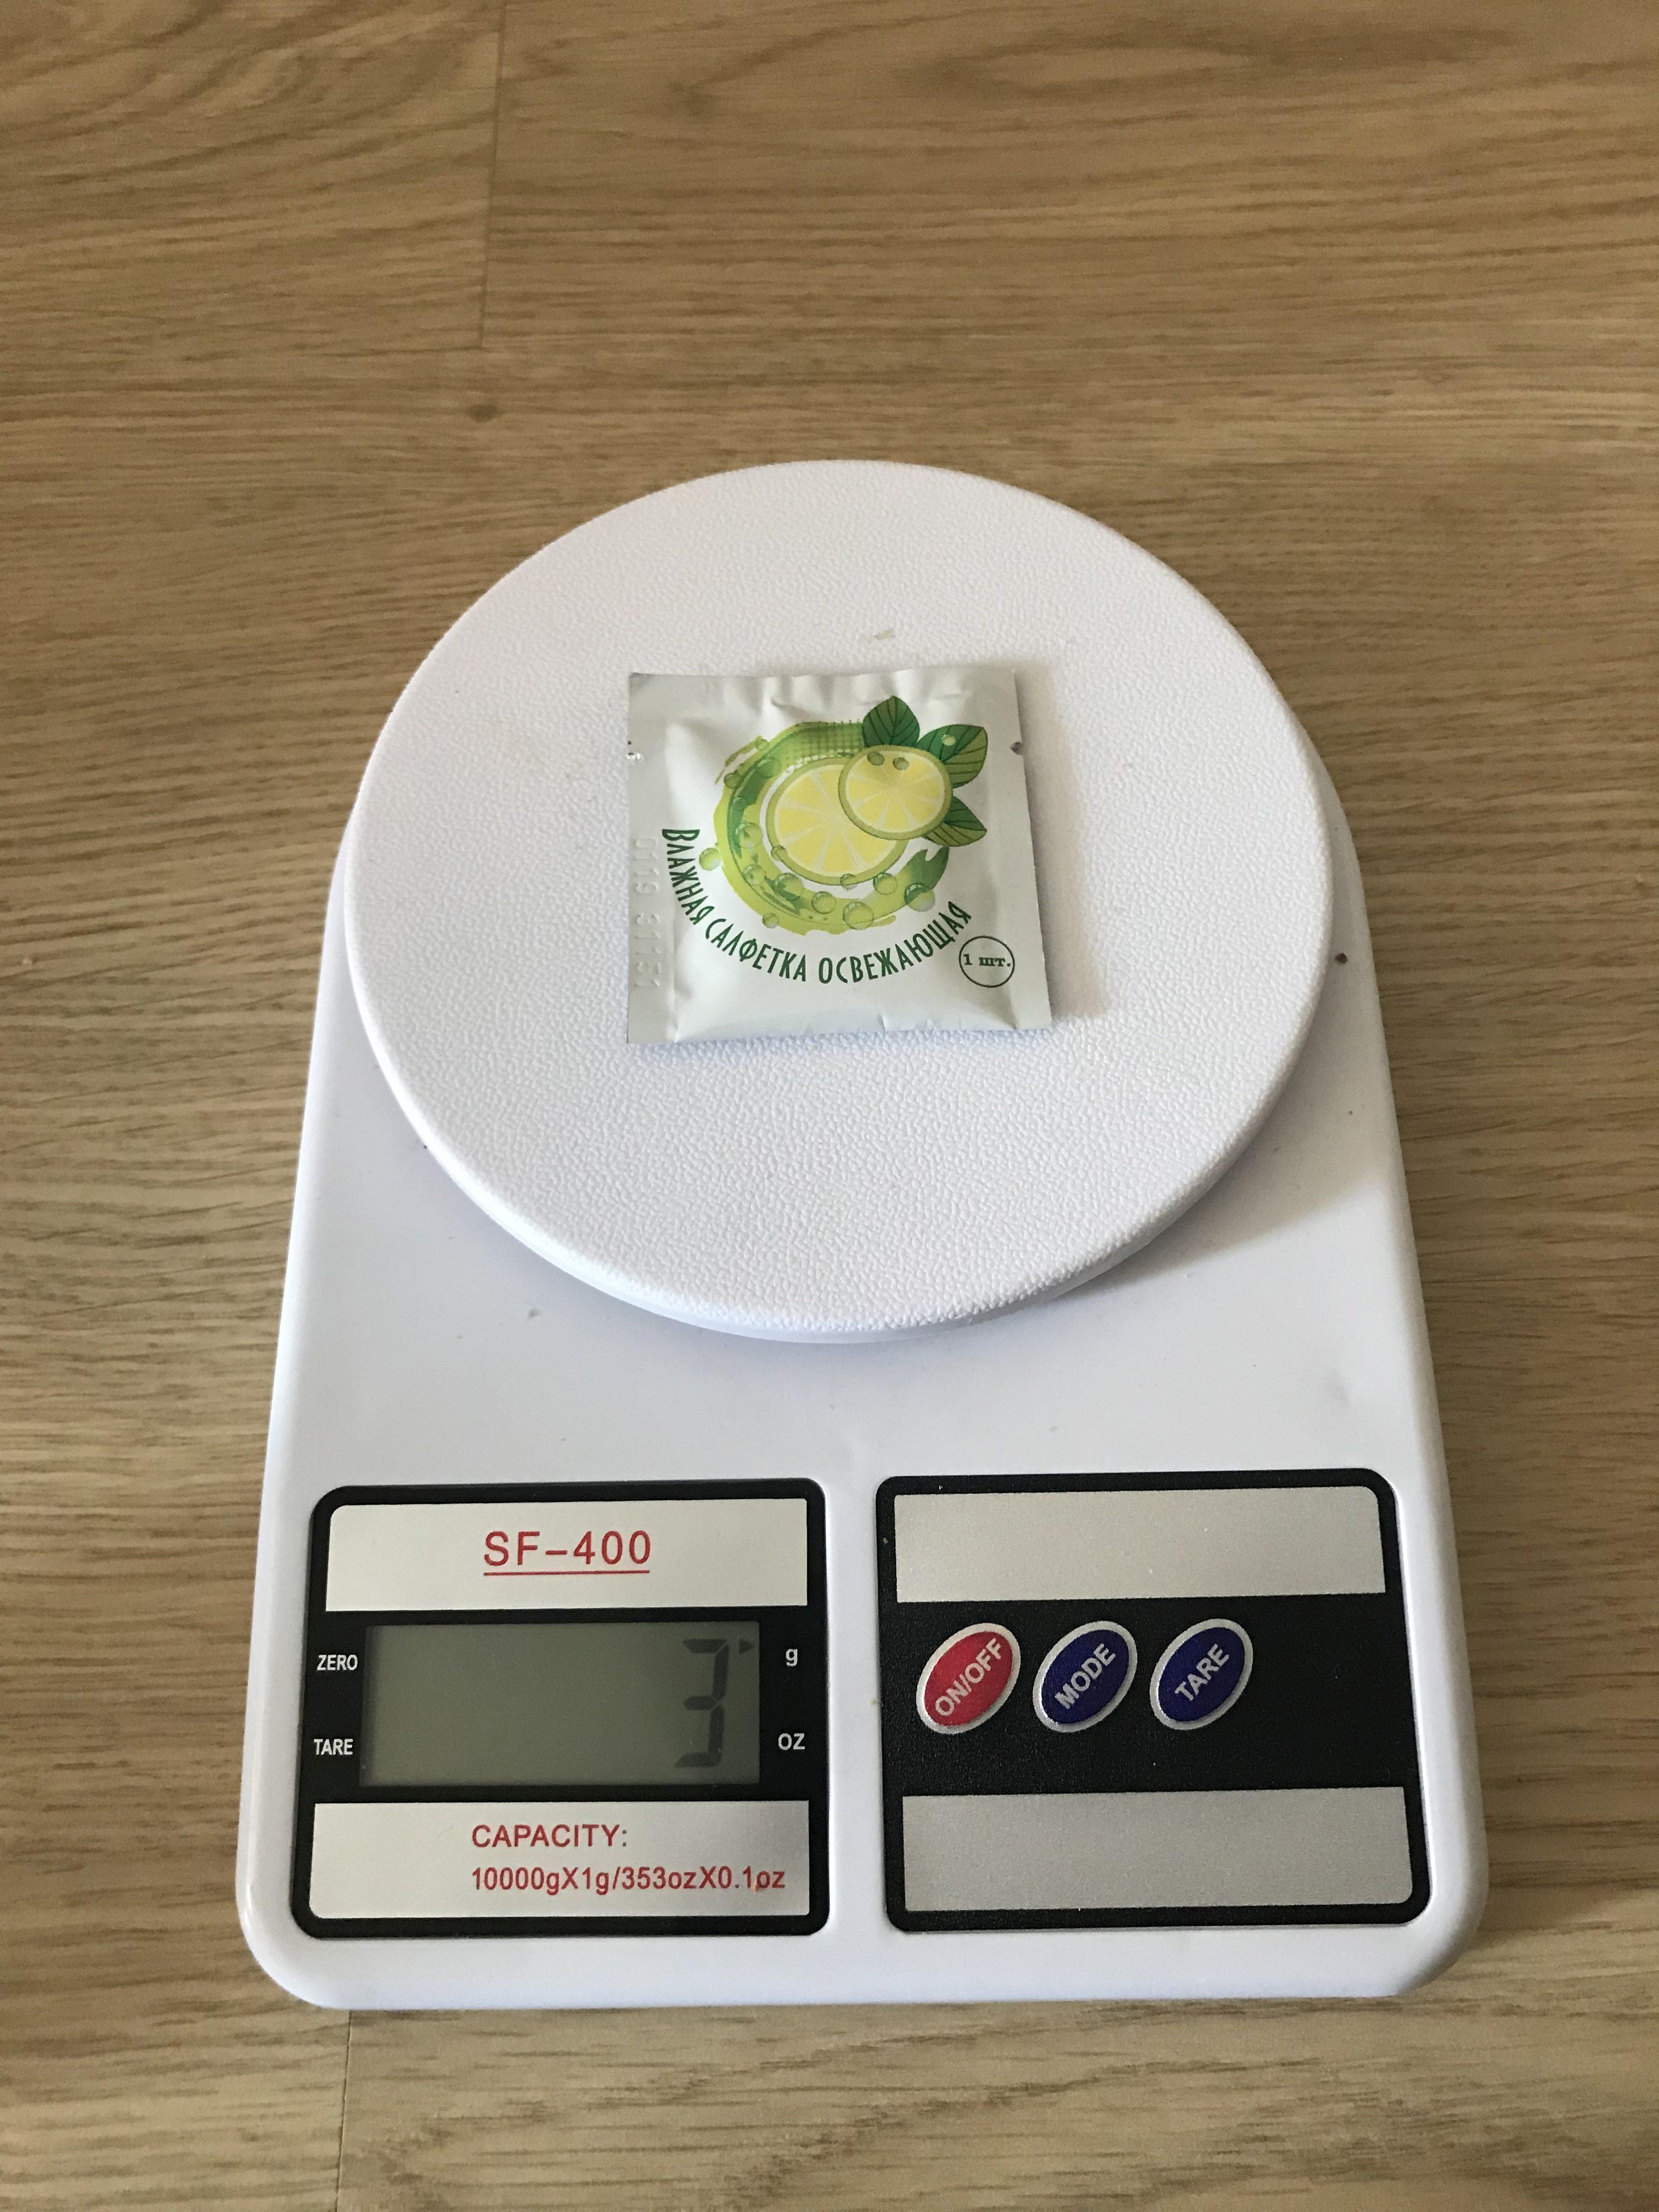 вес влажной салфетки в индивидуальной упаковке